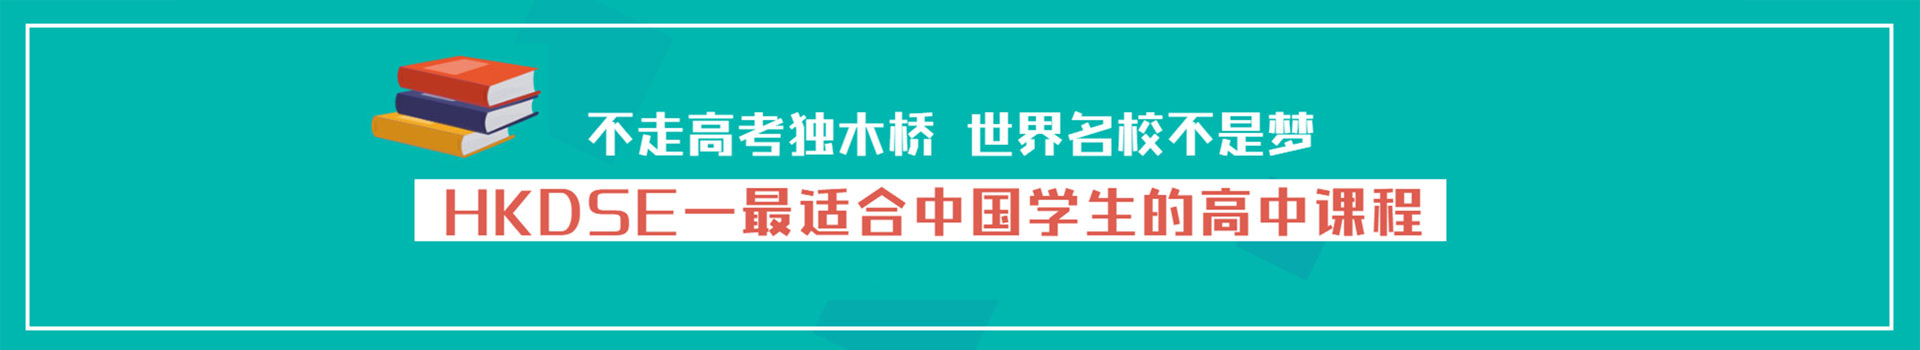 北语香港(DSE)课程中心